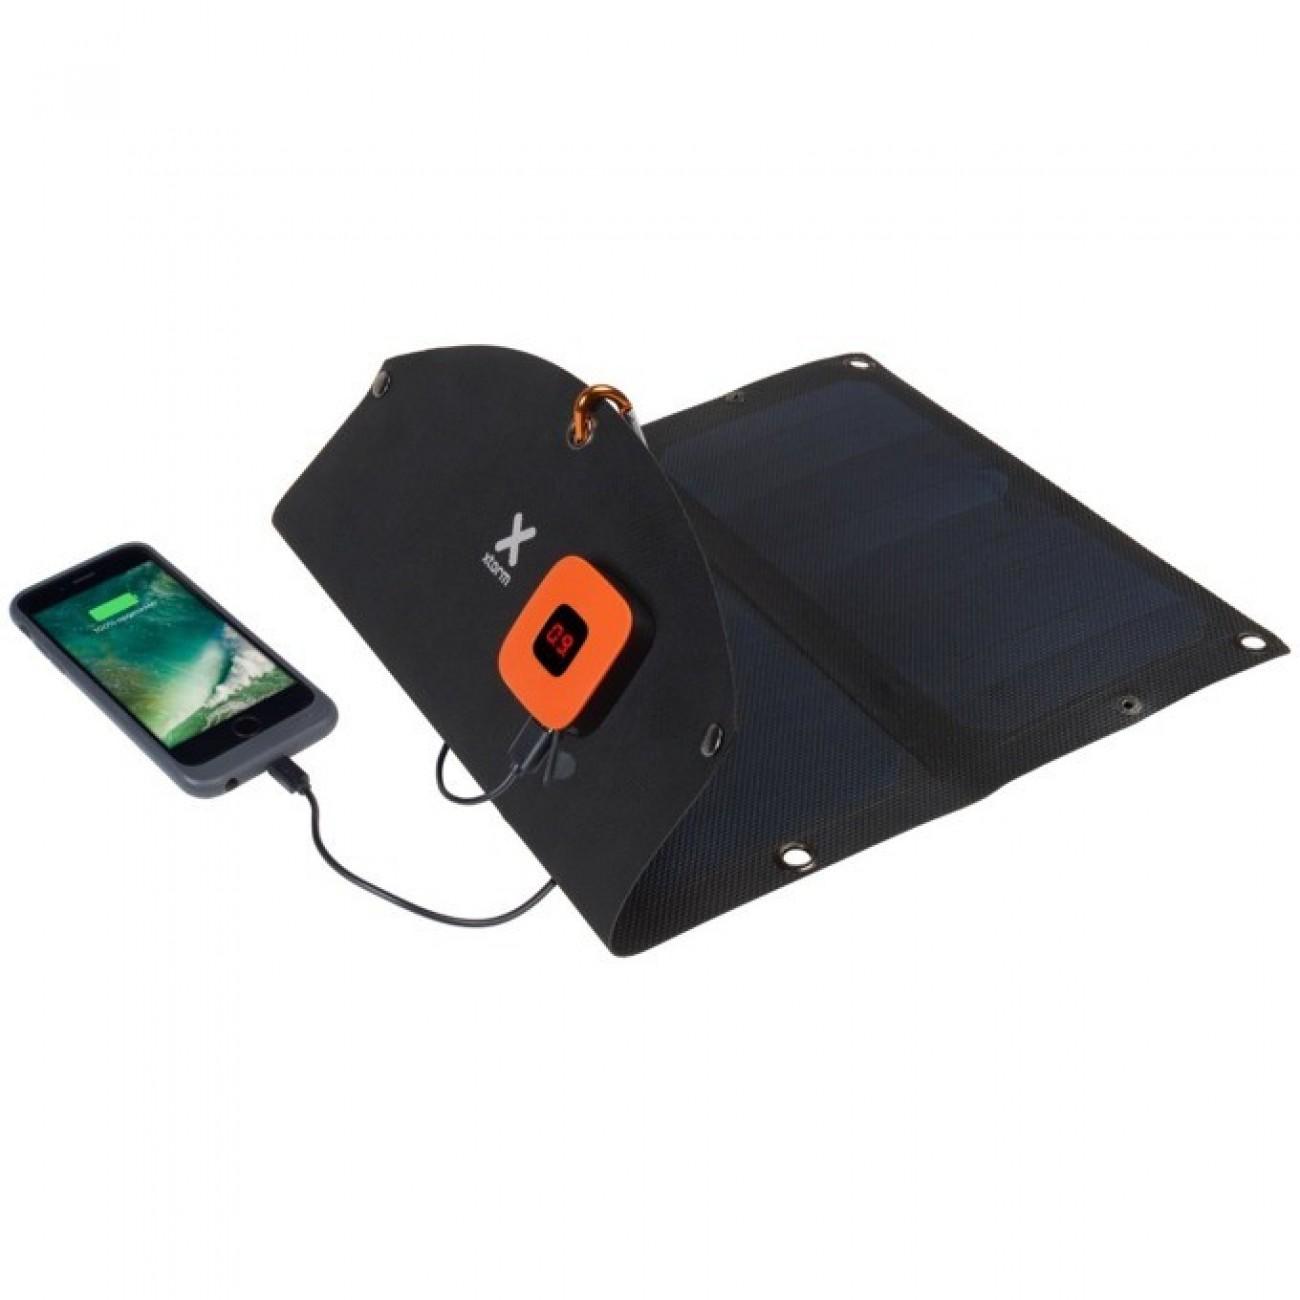 Соларен панел за зареждане A-solar Xtorm SolarBooster 14W Panel AP250, към 2x USB, 5V/2.1A, черно в Зарядни устройства за батерии - A-Solar | Alleop